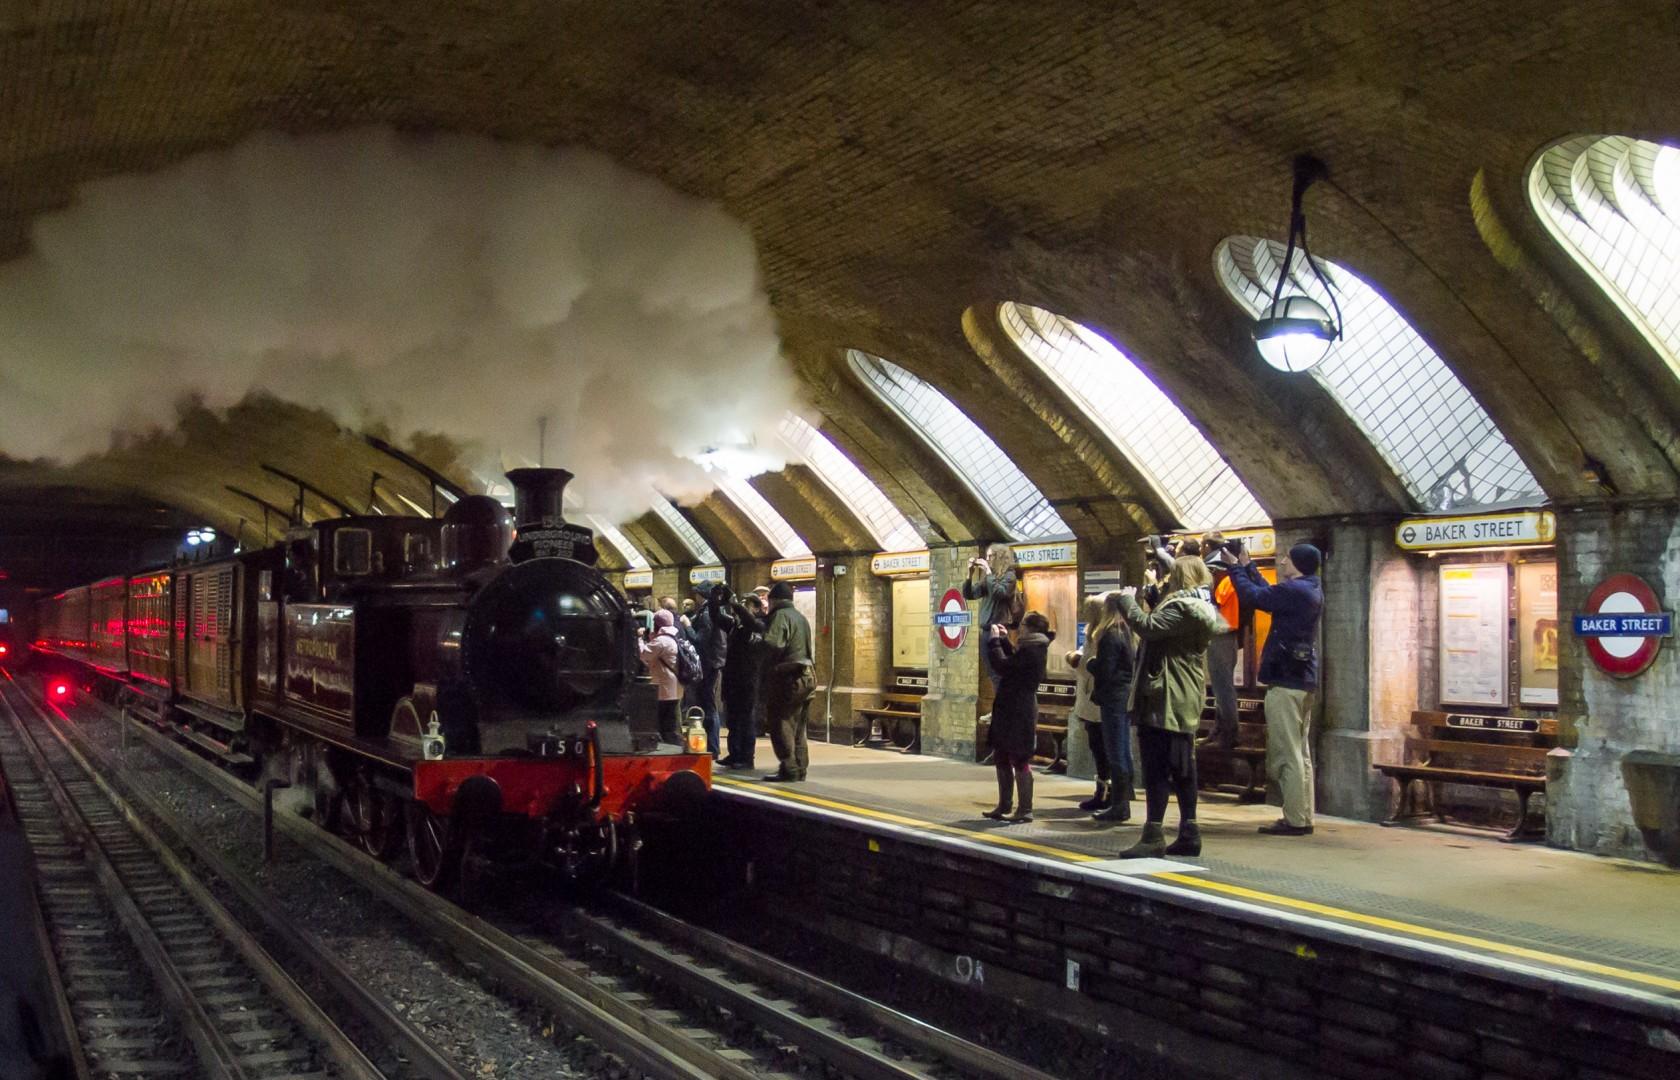 Locomotora Metropolitan 1 circulando por los túneles del metro de Londres conmemorando el 150 aniversario de su inauguración. Foto tomada en Baker Street por Ed Webster.